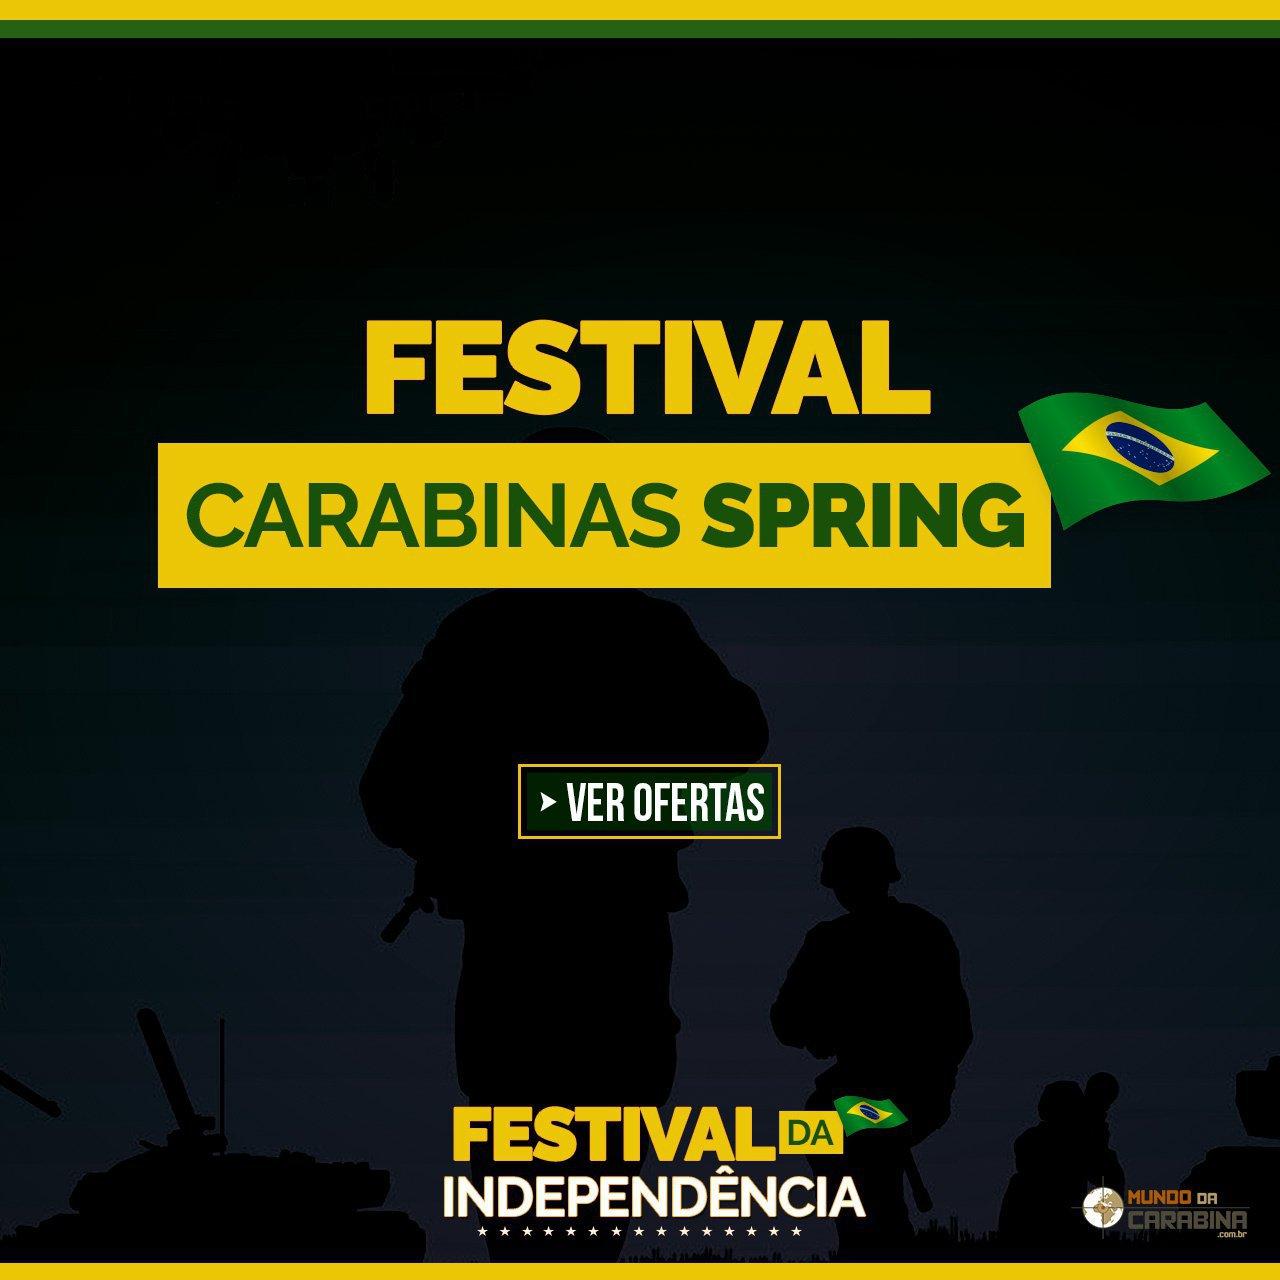 FESTIVAL - CARABINAS SPRING